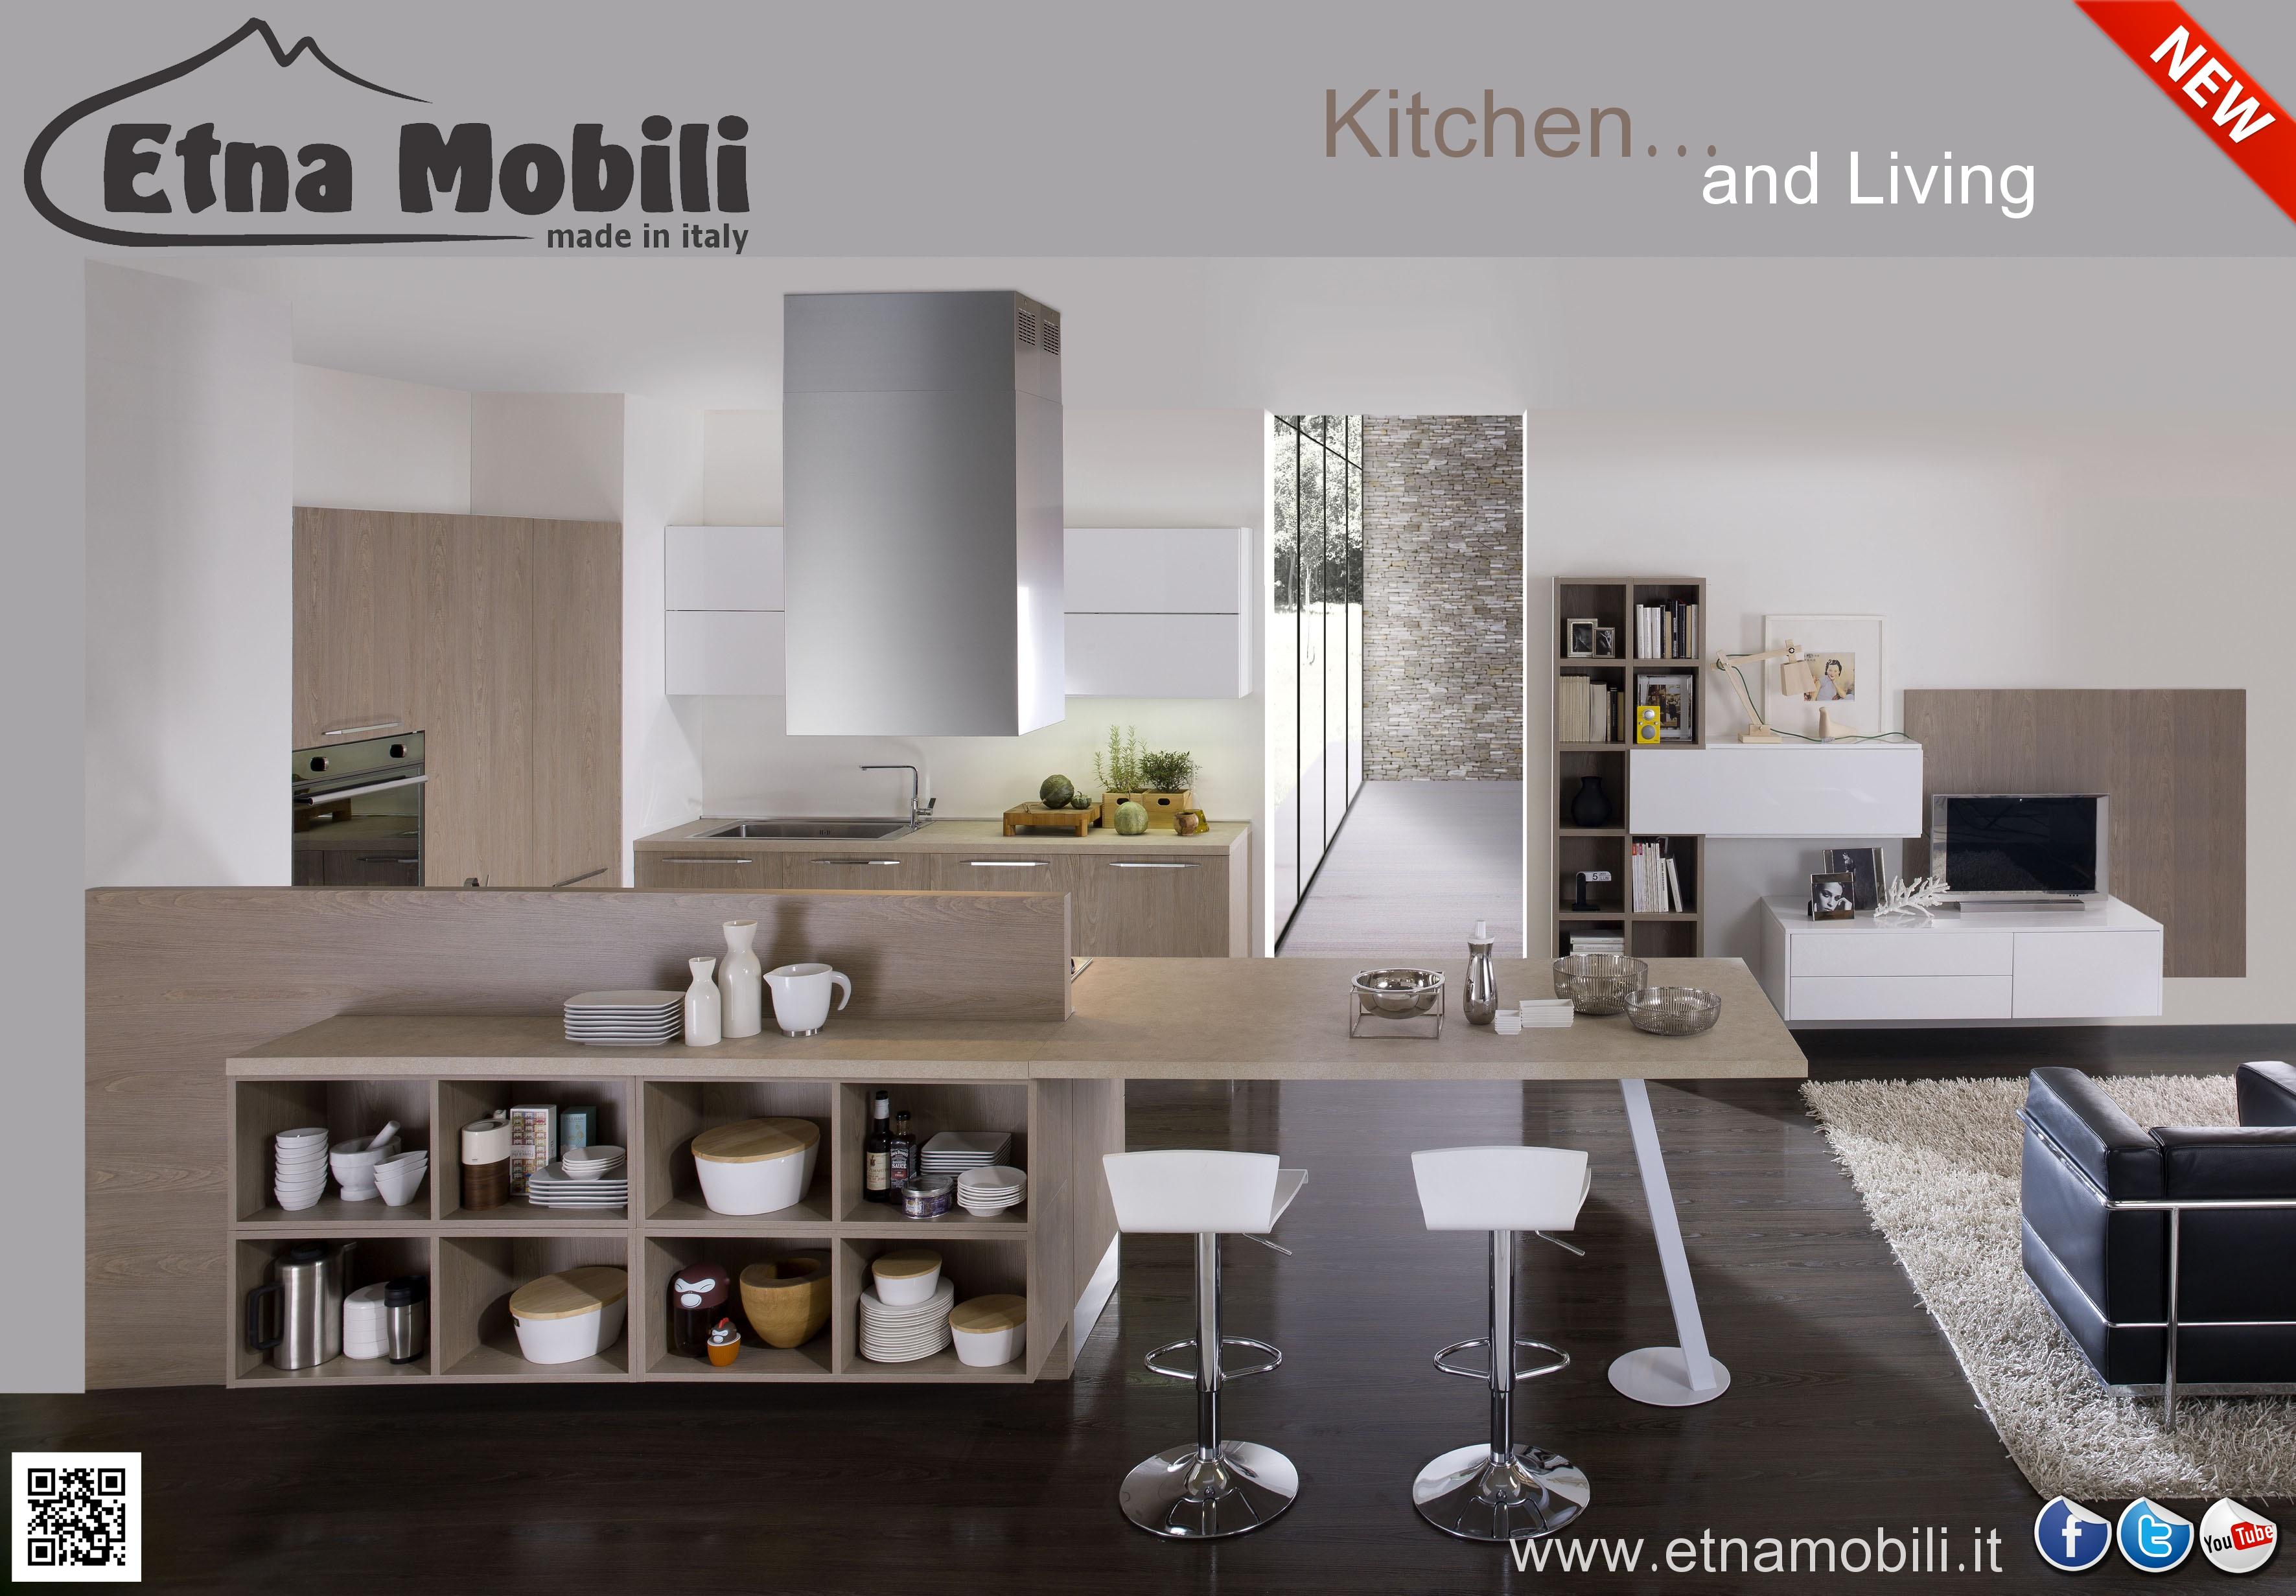 Cucina A Vista Idee Per Arredare Cucina E Soggiorno Pictures To Pin On  #C1190A 3543 2463 Come Arredare Cucina A Vista